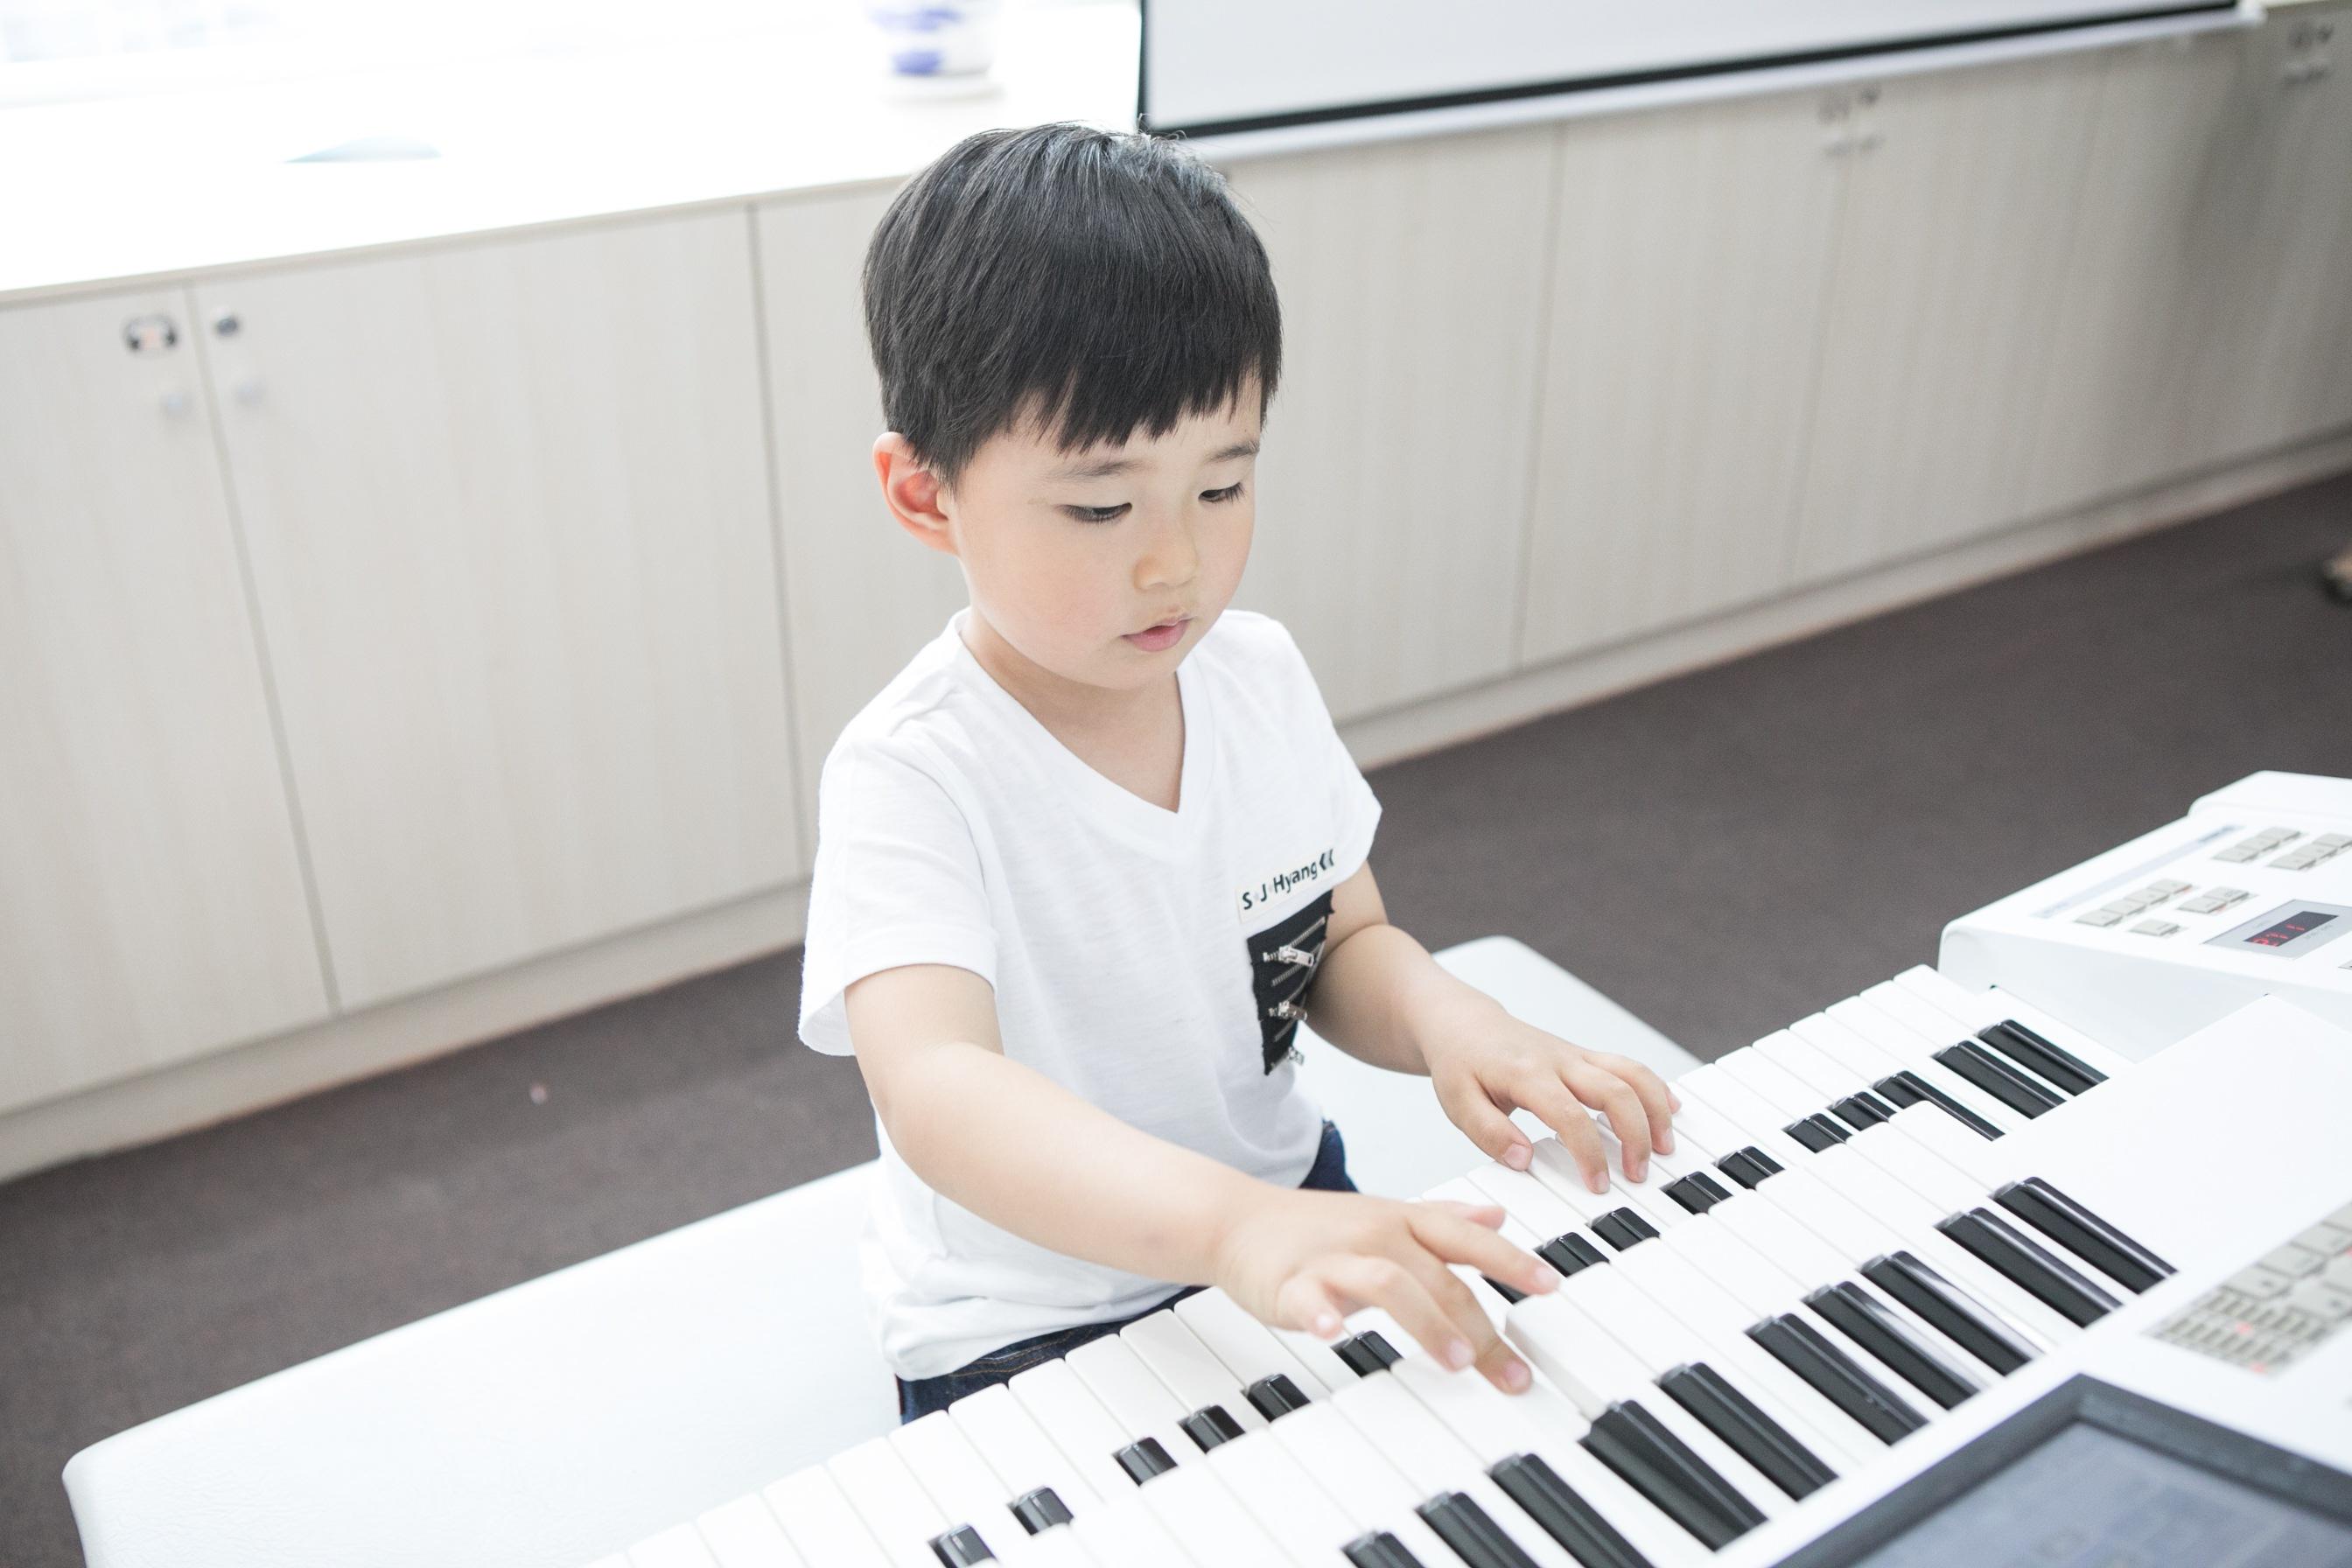 如何培养孩子学琴的自信心?